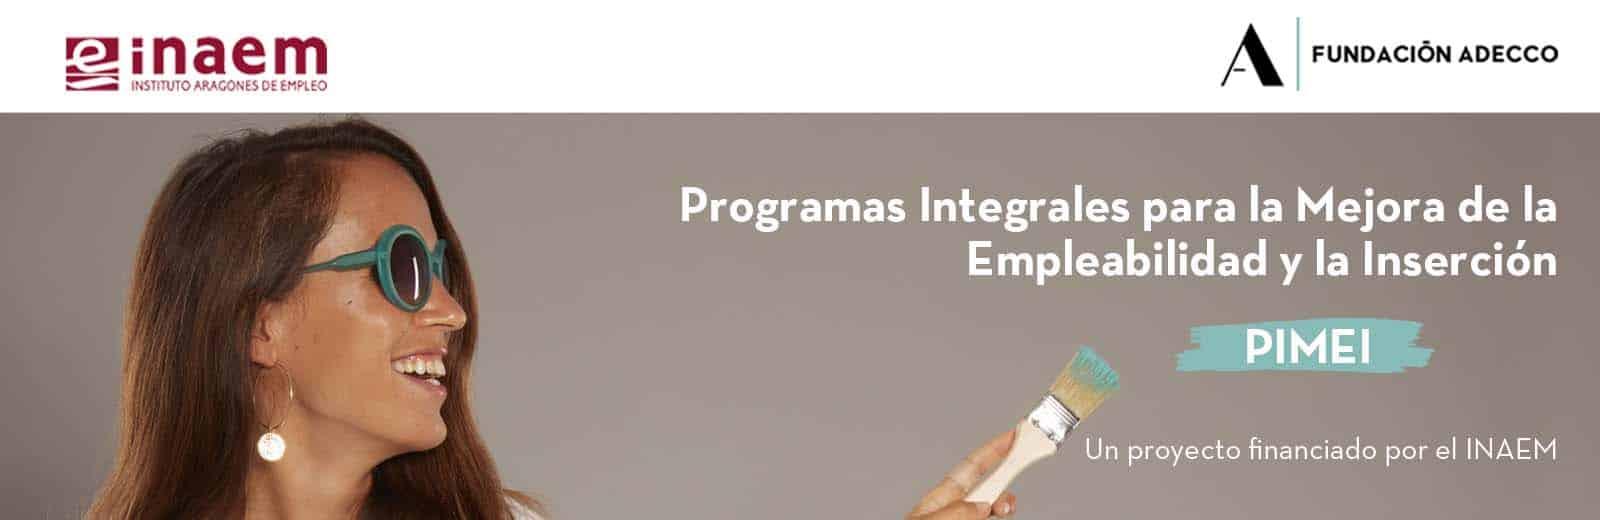 Maria Petit embajadora de la Fundación Adecco sujeta pincel en mano señalado y promocionando la puesta en marcha del programa PIMEI